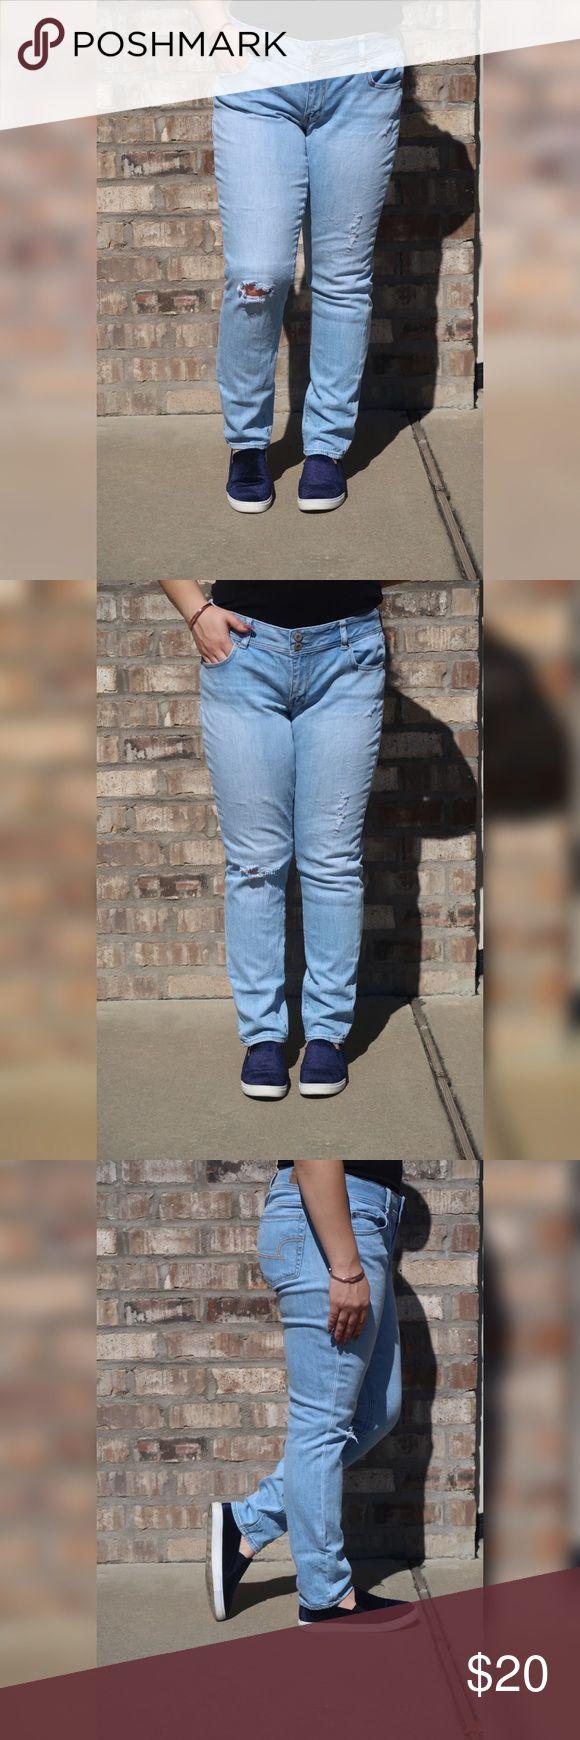 Women's American Eagle Jeans size 14 Women's American Eagle distressed skinny jeans size 14 regular. Model wears size 10. American Eagle Outfitters Jeans Skinny